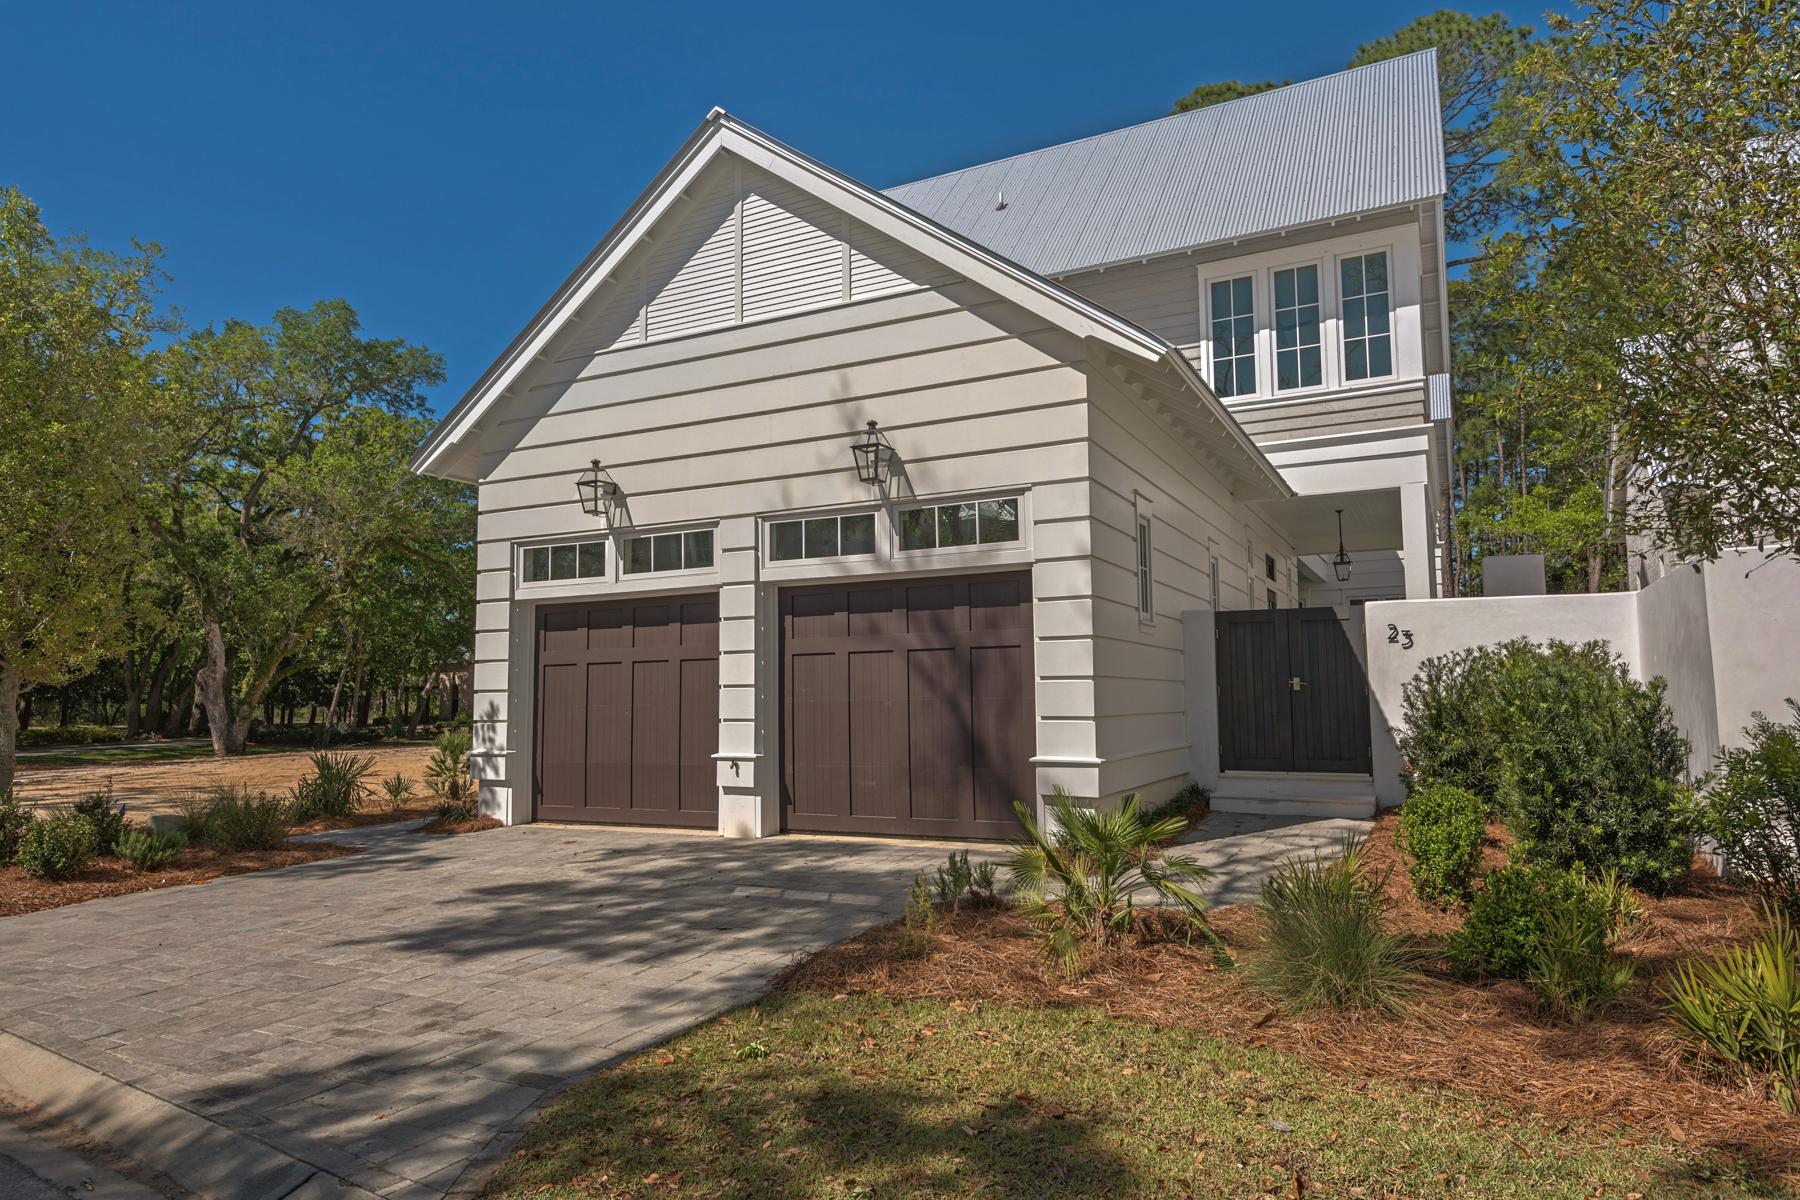 Maison unifamiliale pour l Vente à NEW CONSTRUCTION HOME IN PREMIER BOATING AND WATERFRONT COMMUNITY 23 Bennett Santa Rosa Beach, Florida, 32459 États-Unis